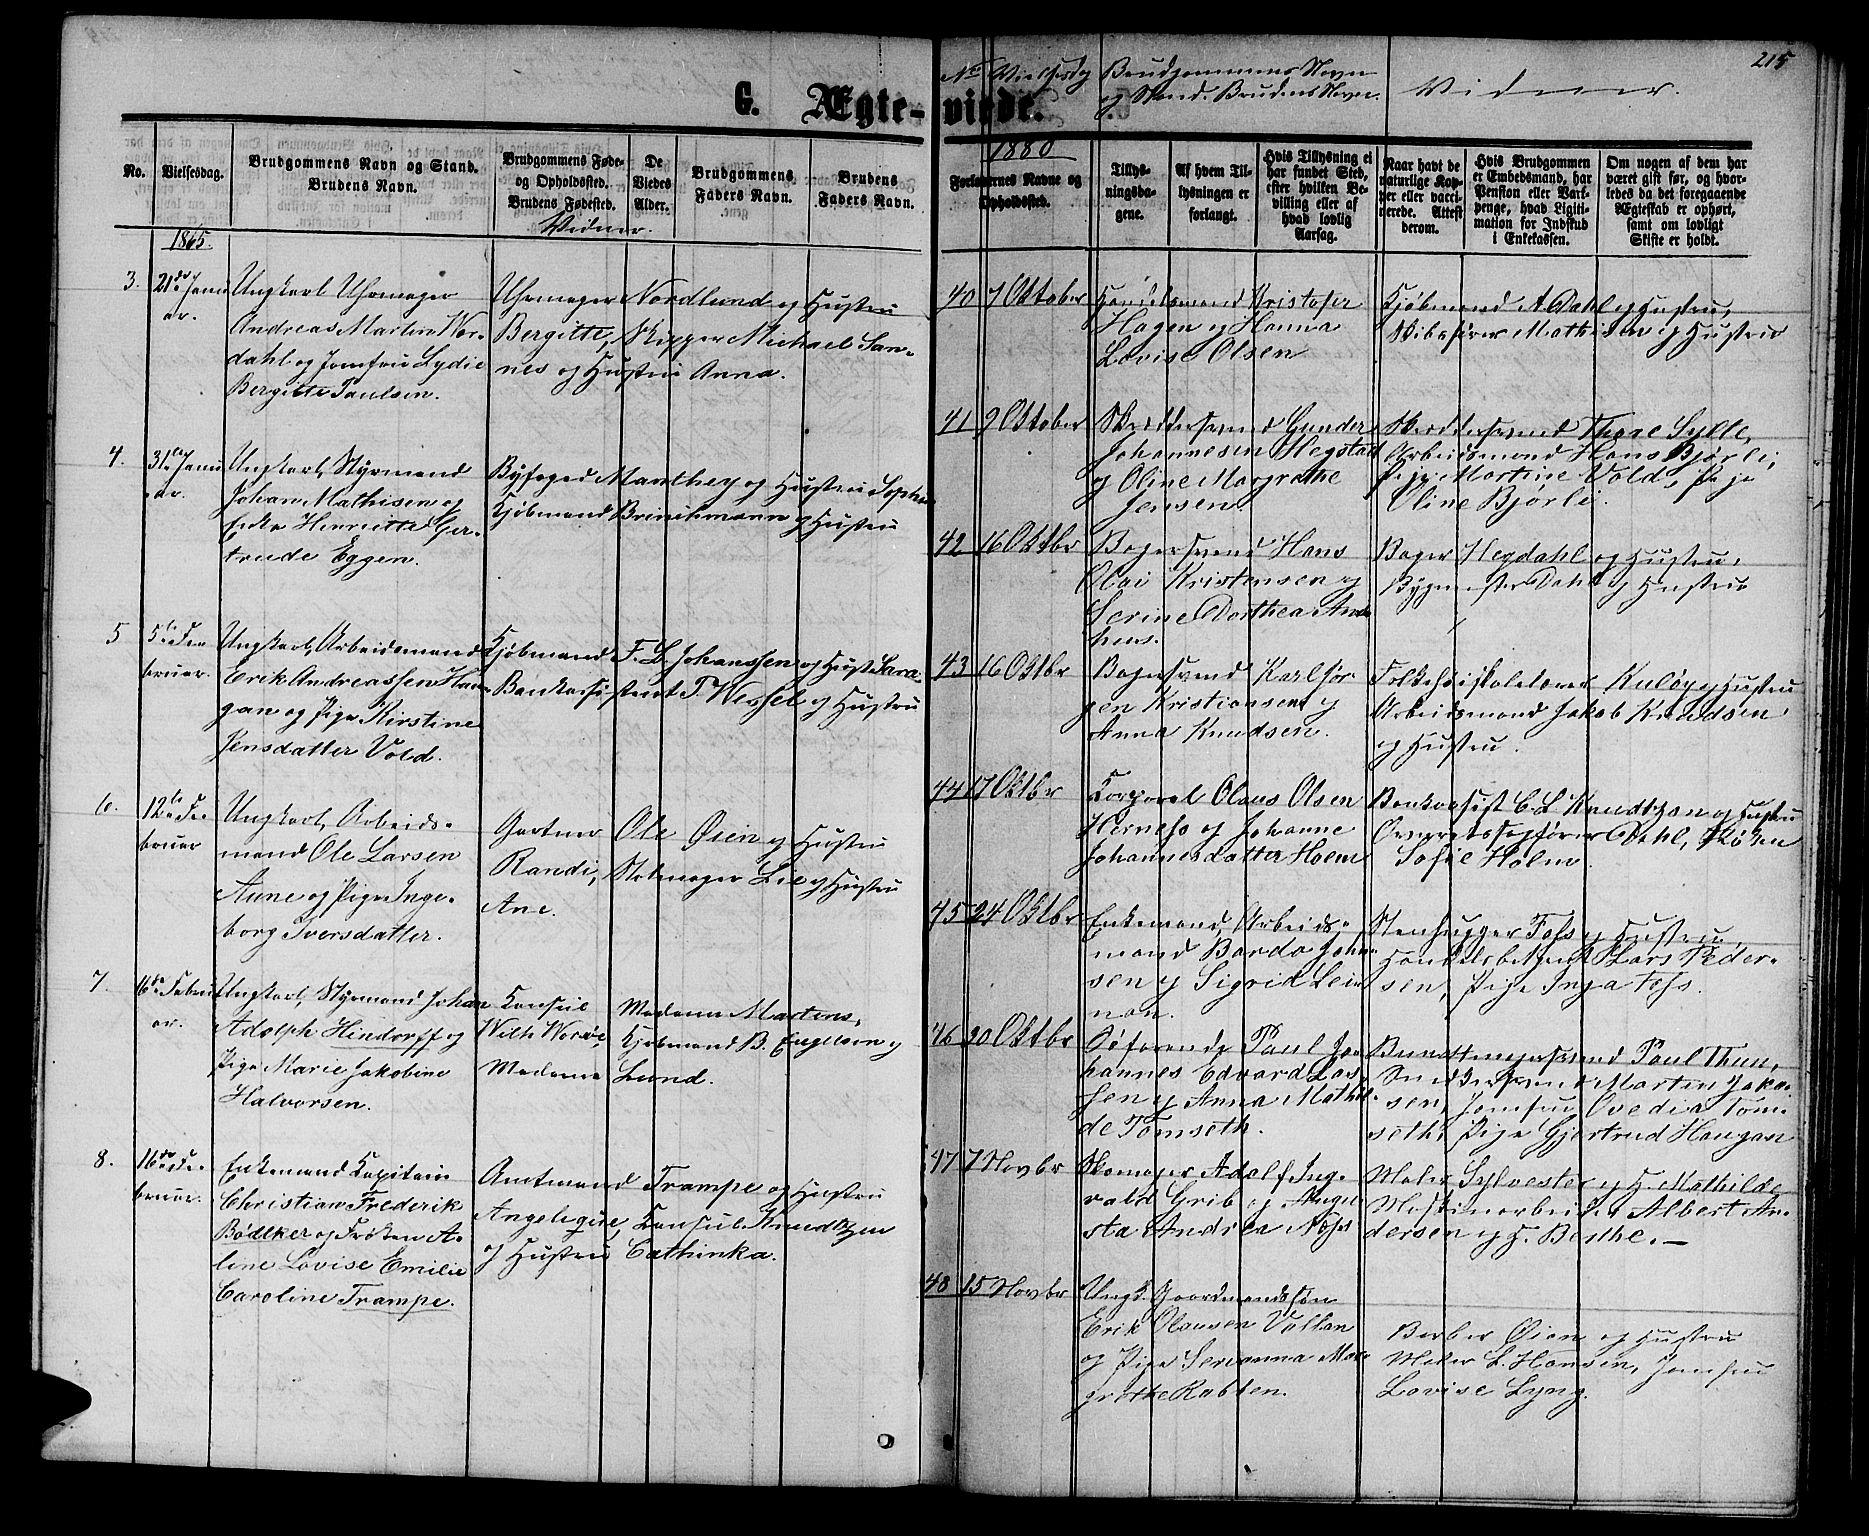 SAT, Ministerialprotokoller, klokkerbøker og fødselsregistre - Sør-Trøndelag, 601/L0087: Klokkerbok nr. 601C05, 1864-1881, s. 215